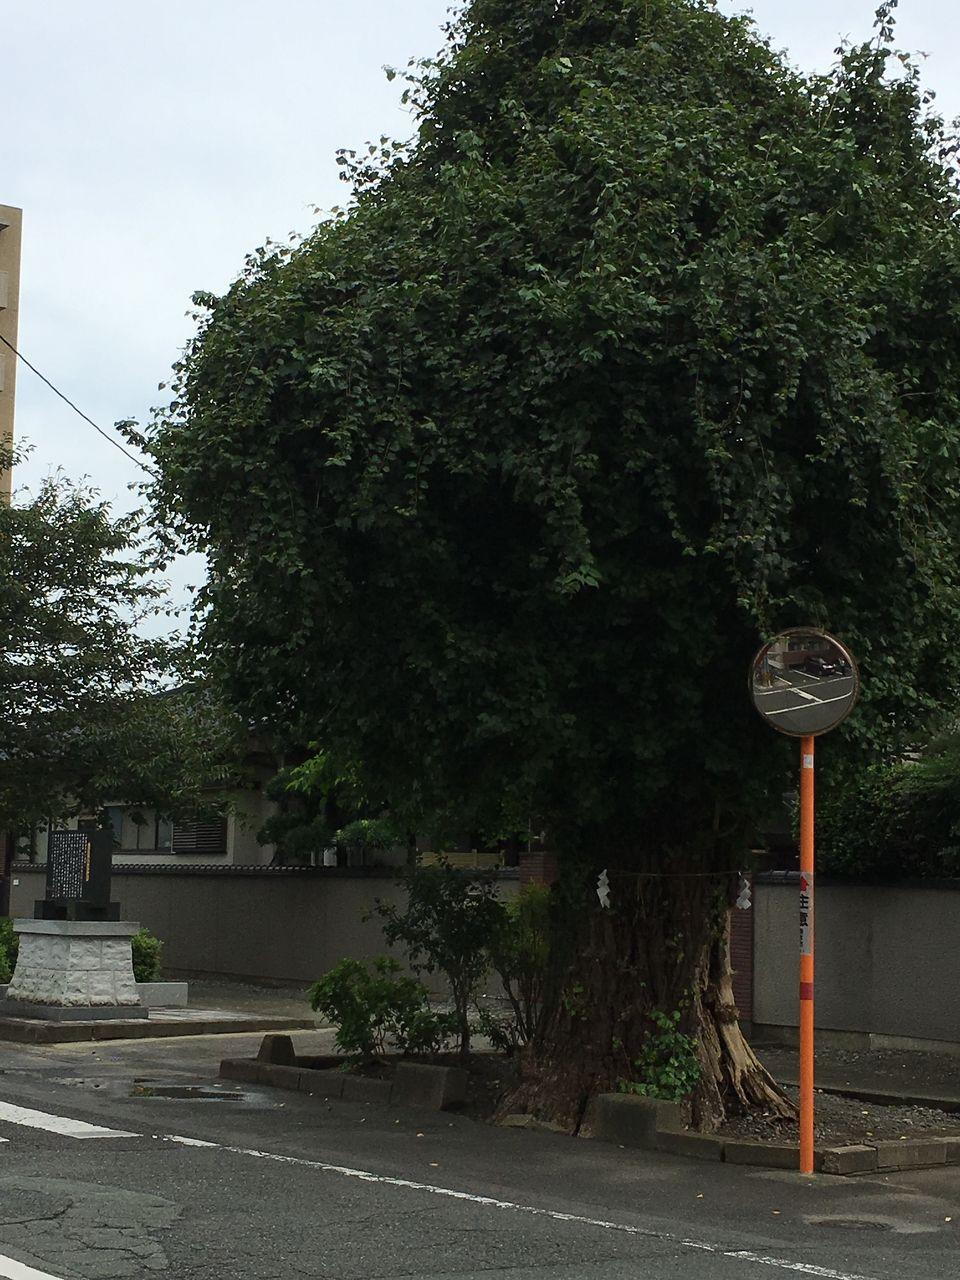 加藤清正公が植樹した当時の参道起点の大銀杏